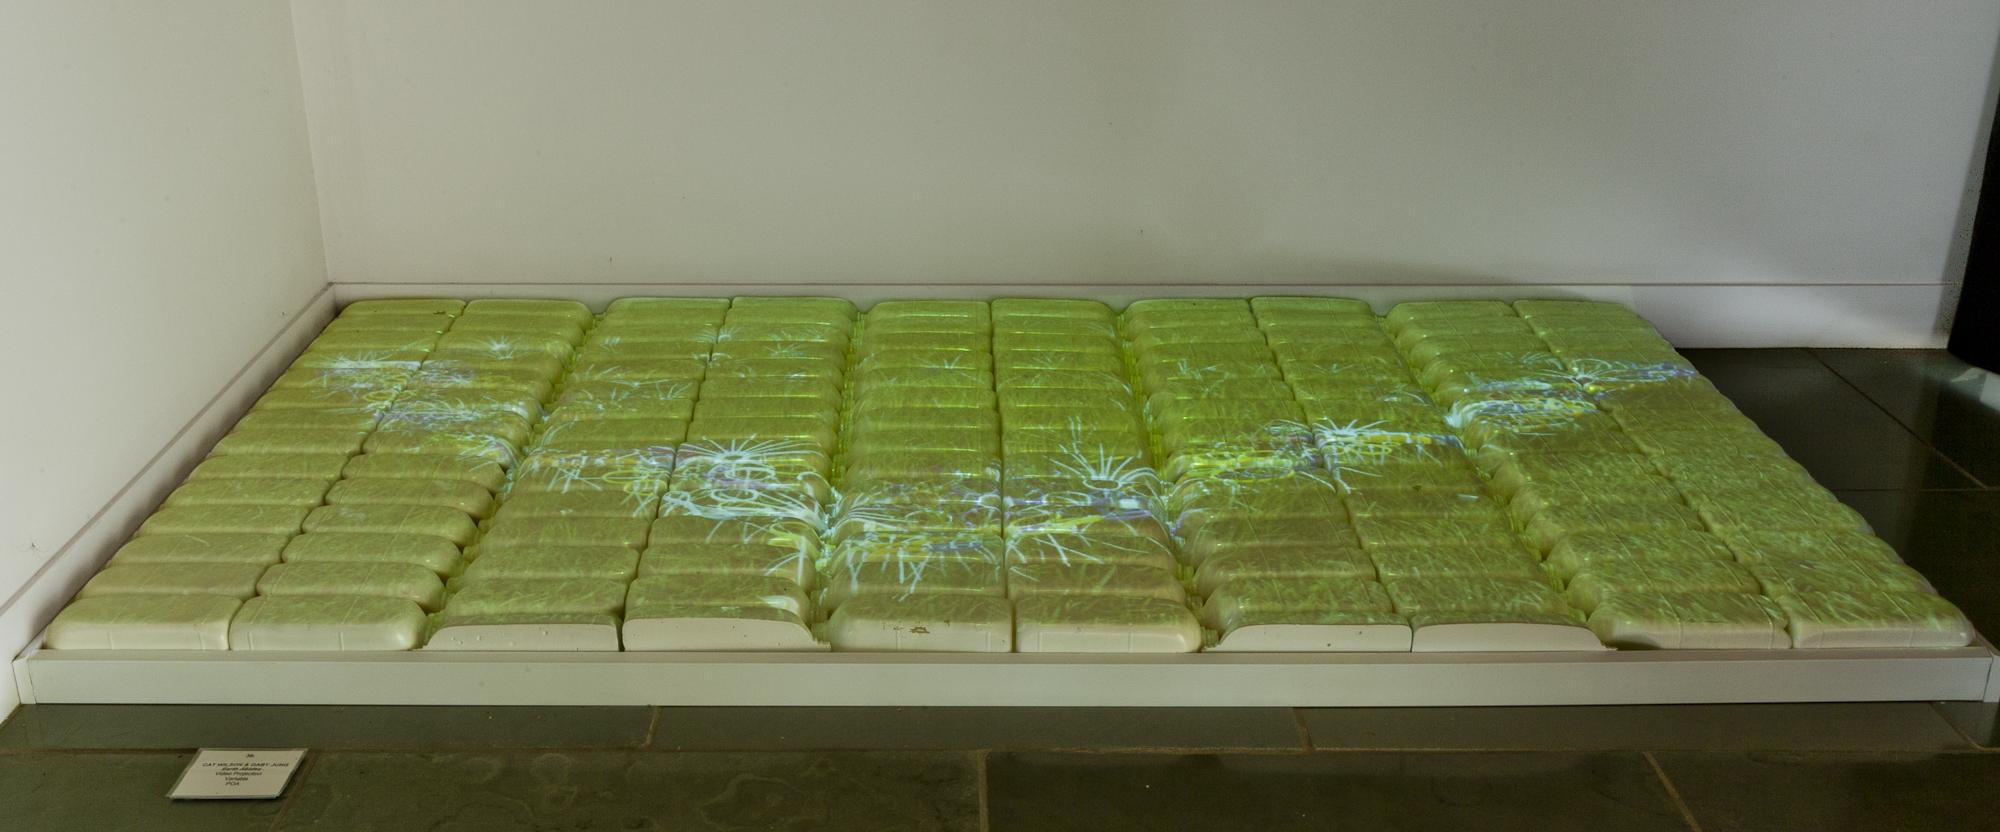 installation view, Yering Station Sculpture Exhibition, 2011